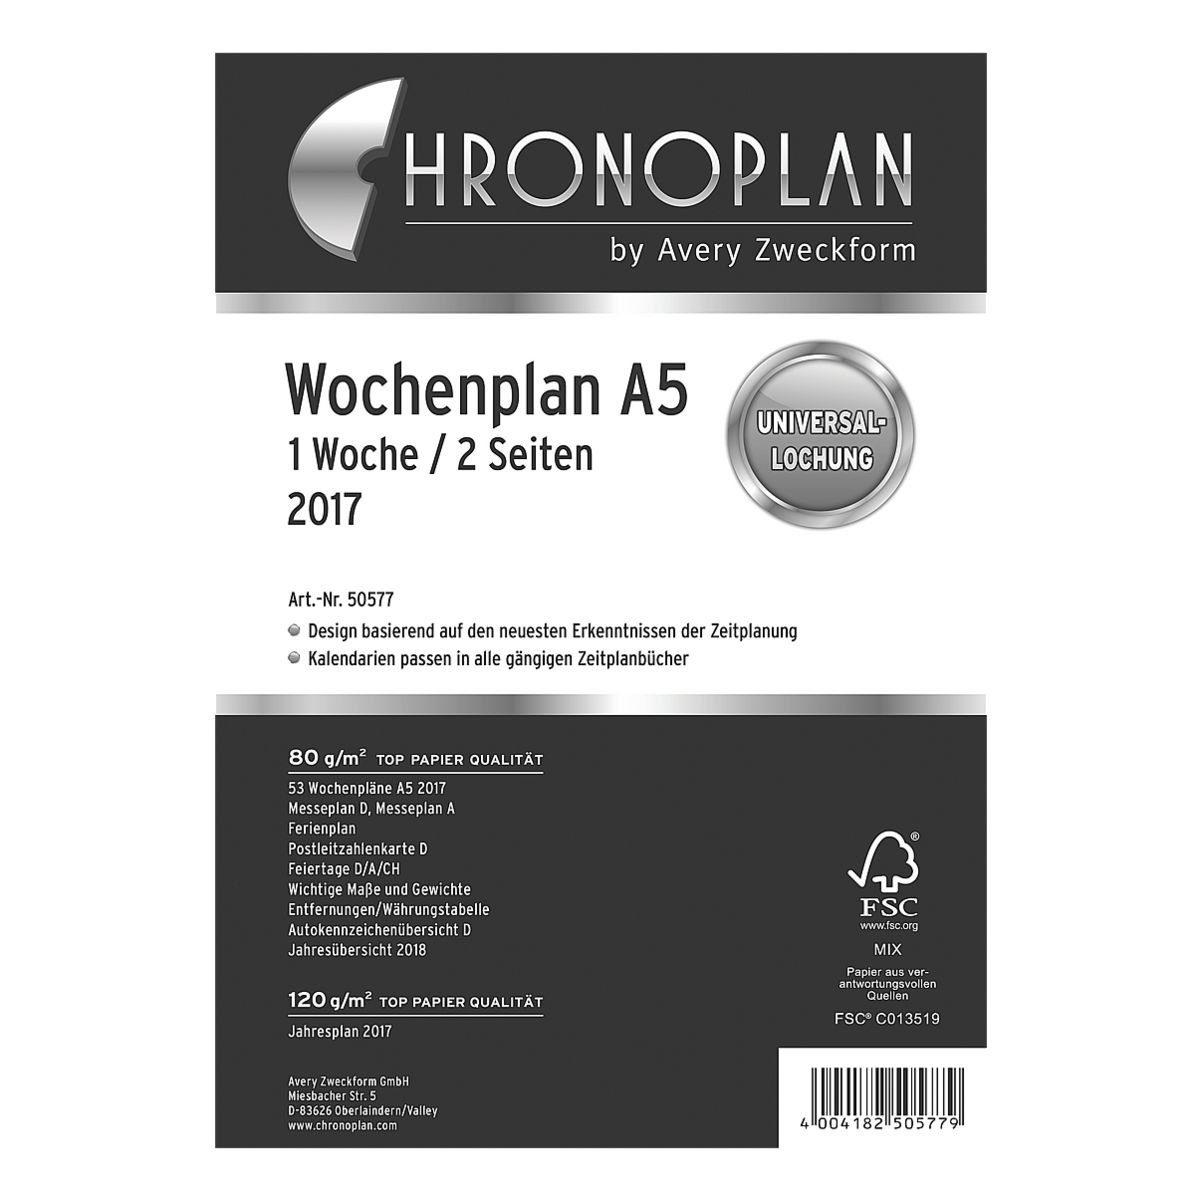 CHRONOPLAN Wochenplan 2017